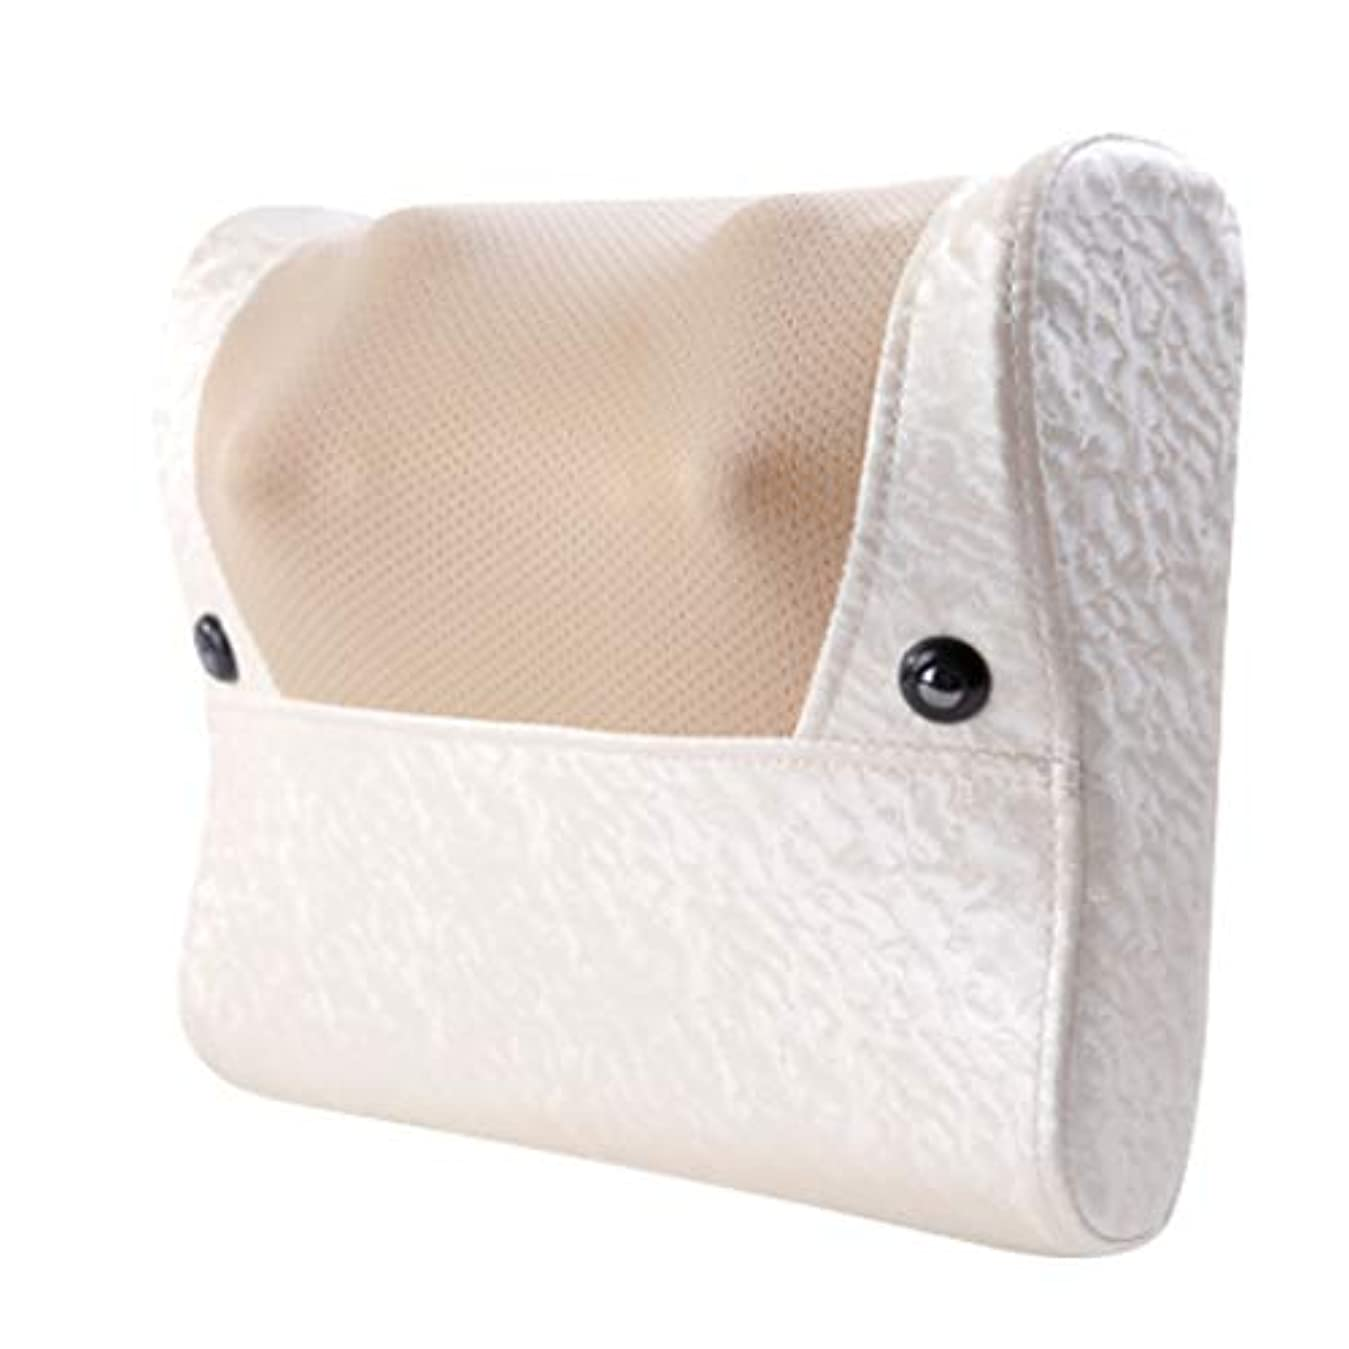 トラフ心臓応用8Dネックマッサージャー - 家庭用電動多機能ボディマッサージ、カーパッド、首、肩、腰、脚マッサージ。